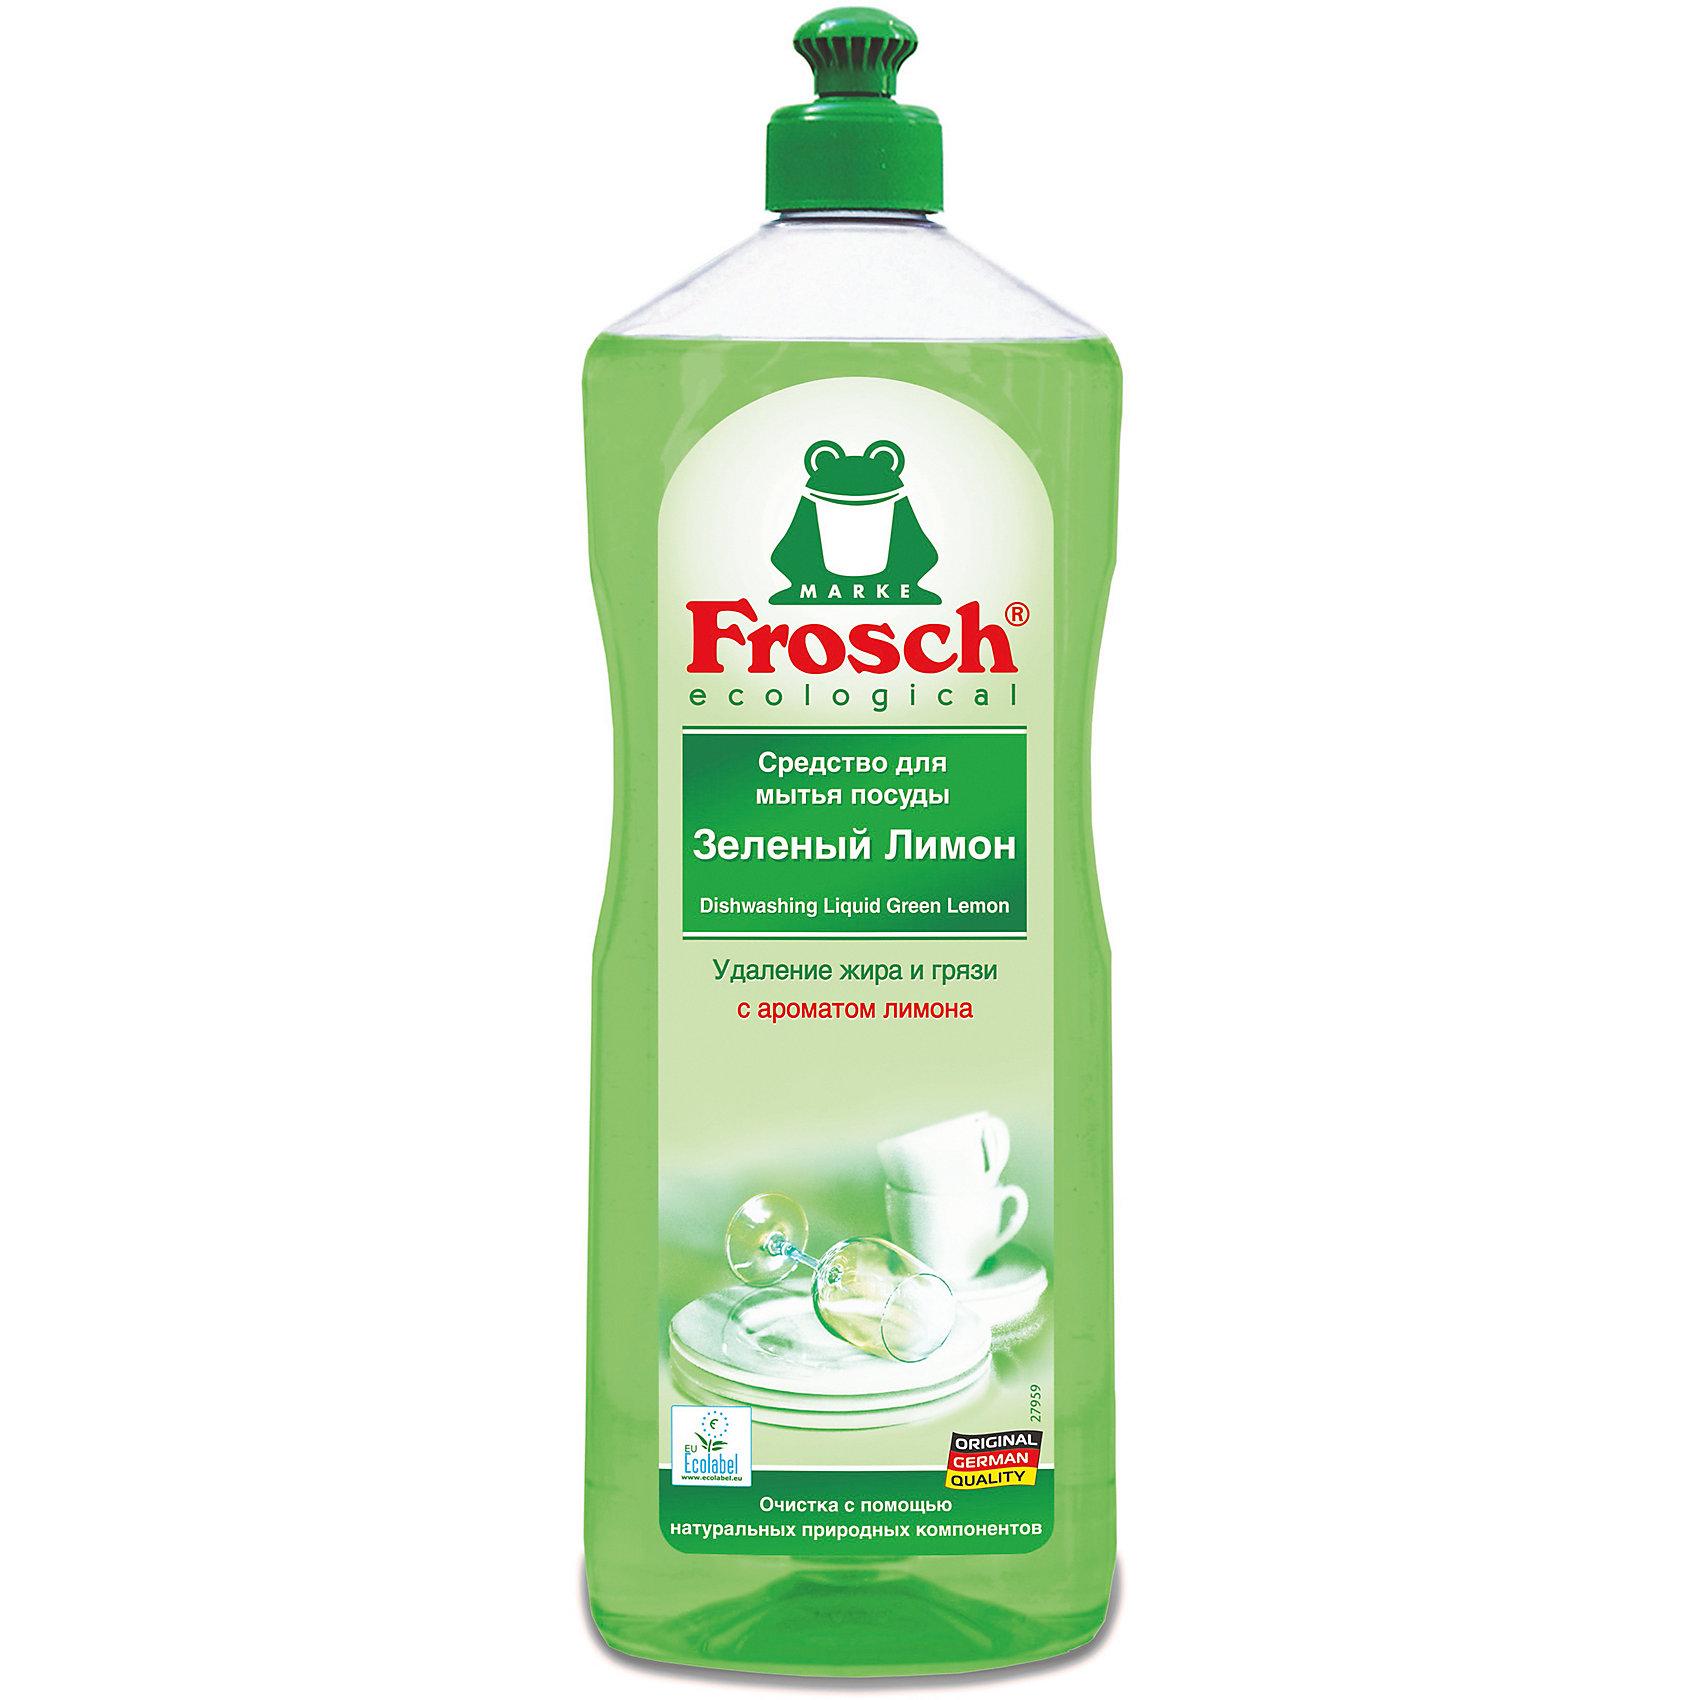 Средство для мытья посуды (зеленый лимон), 1 л., Frosch (-)